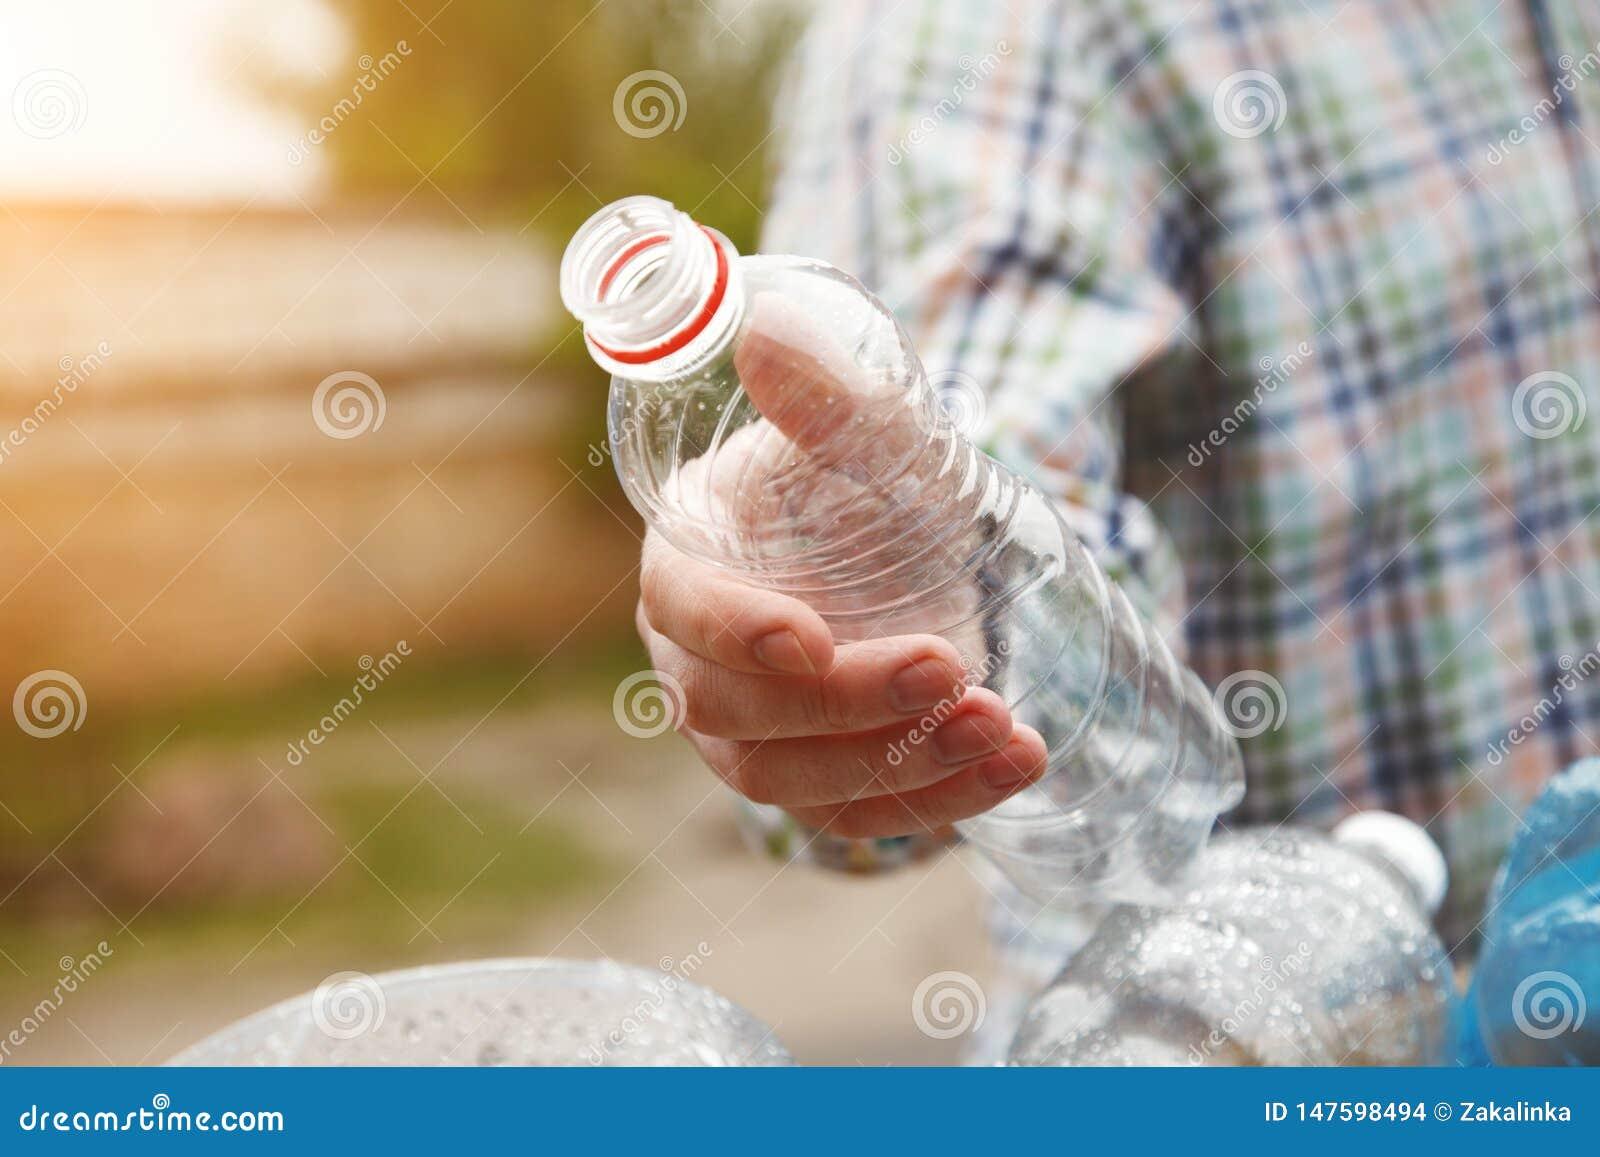 A mão do homem que joga a garrafa plástica reciclável transparente clara no escaninho de lixo